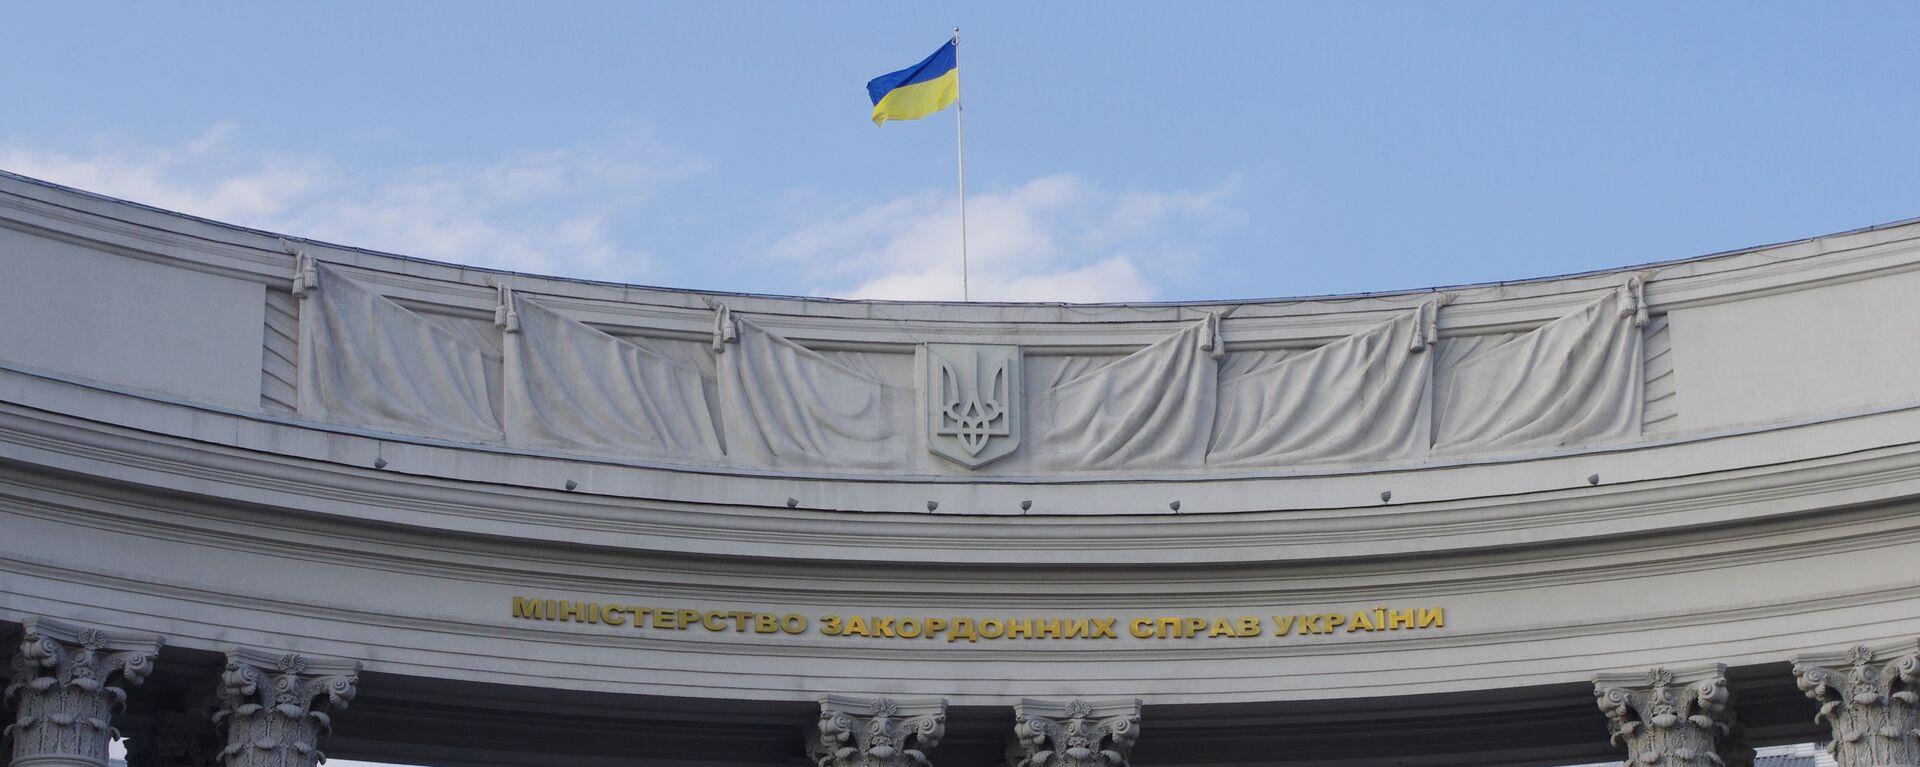 Državna zastava na zgradi Ministarstva spoljnih poslova Ukrajine u Kijevu - Sputnik Srbija, 1920, 24.07.2021